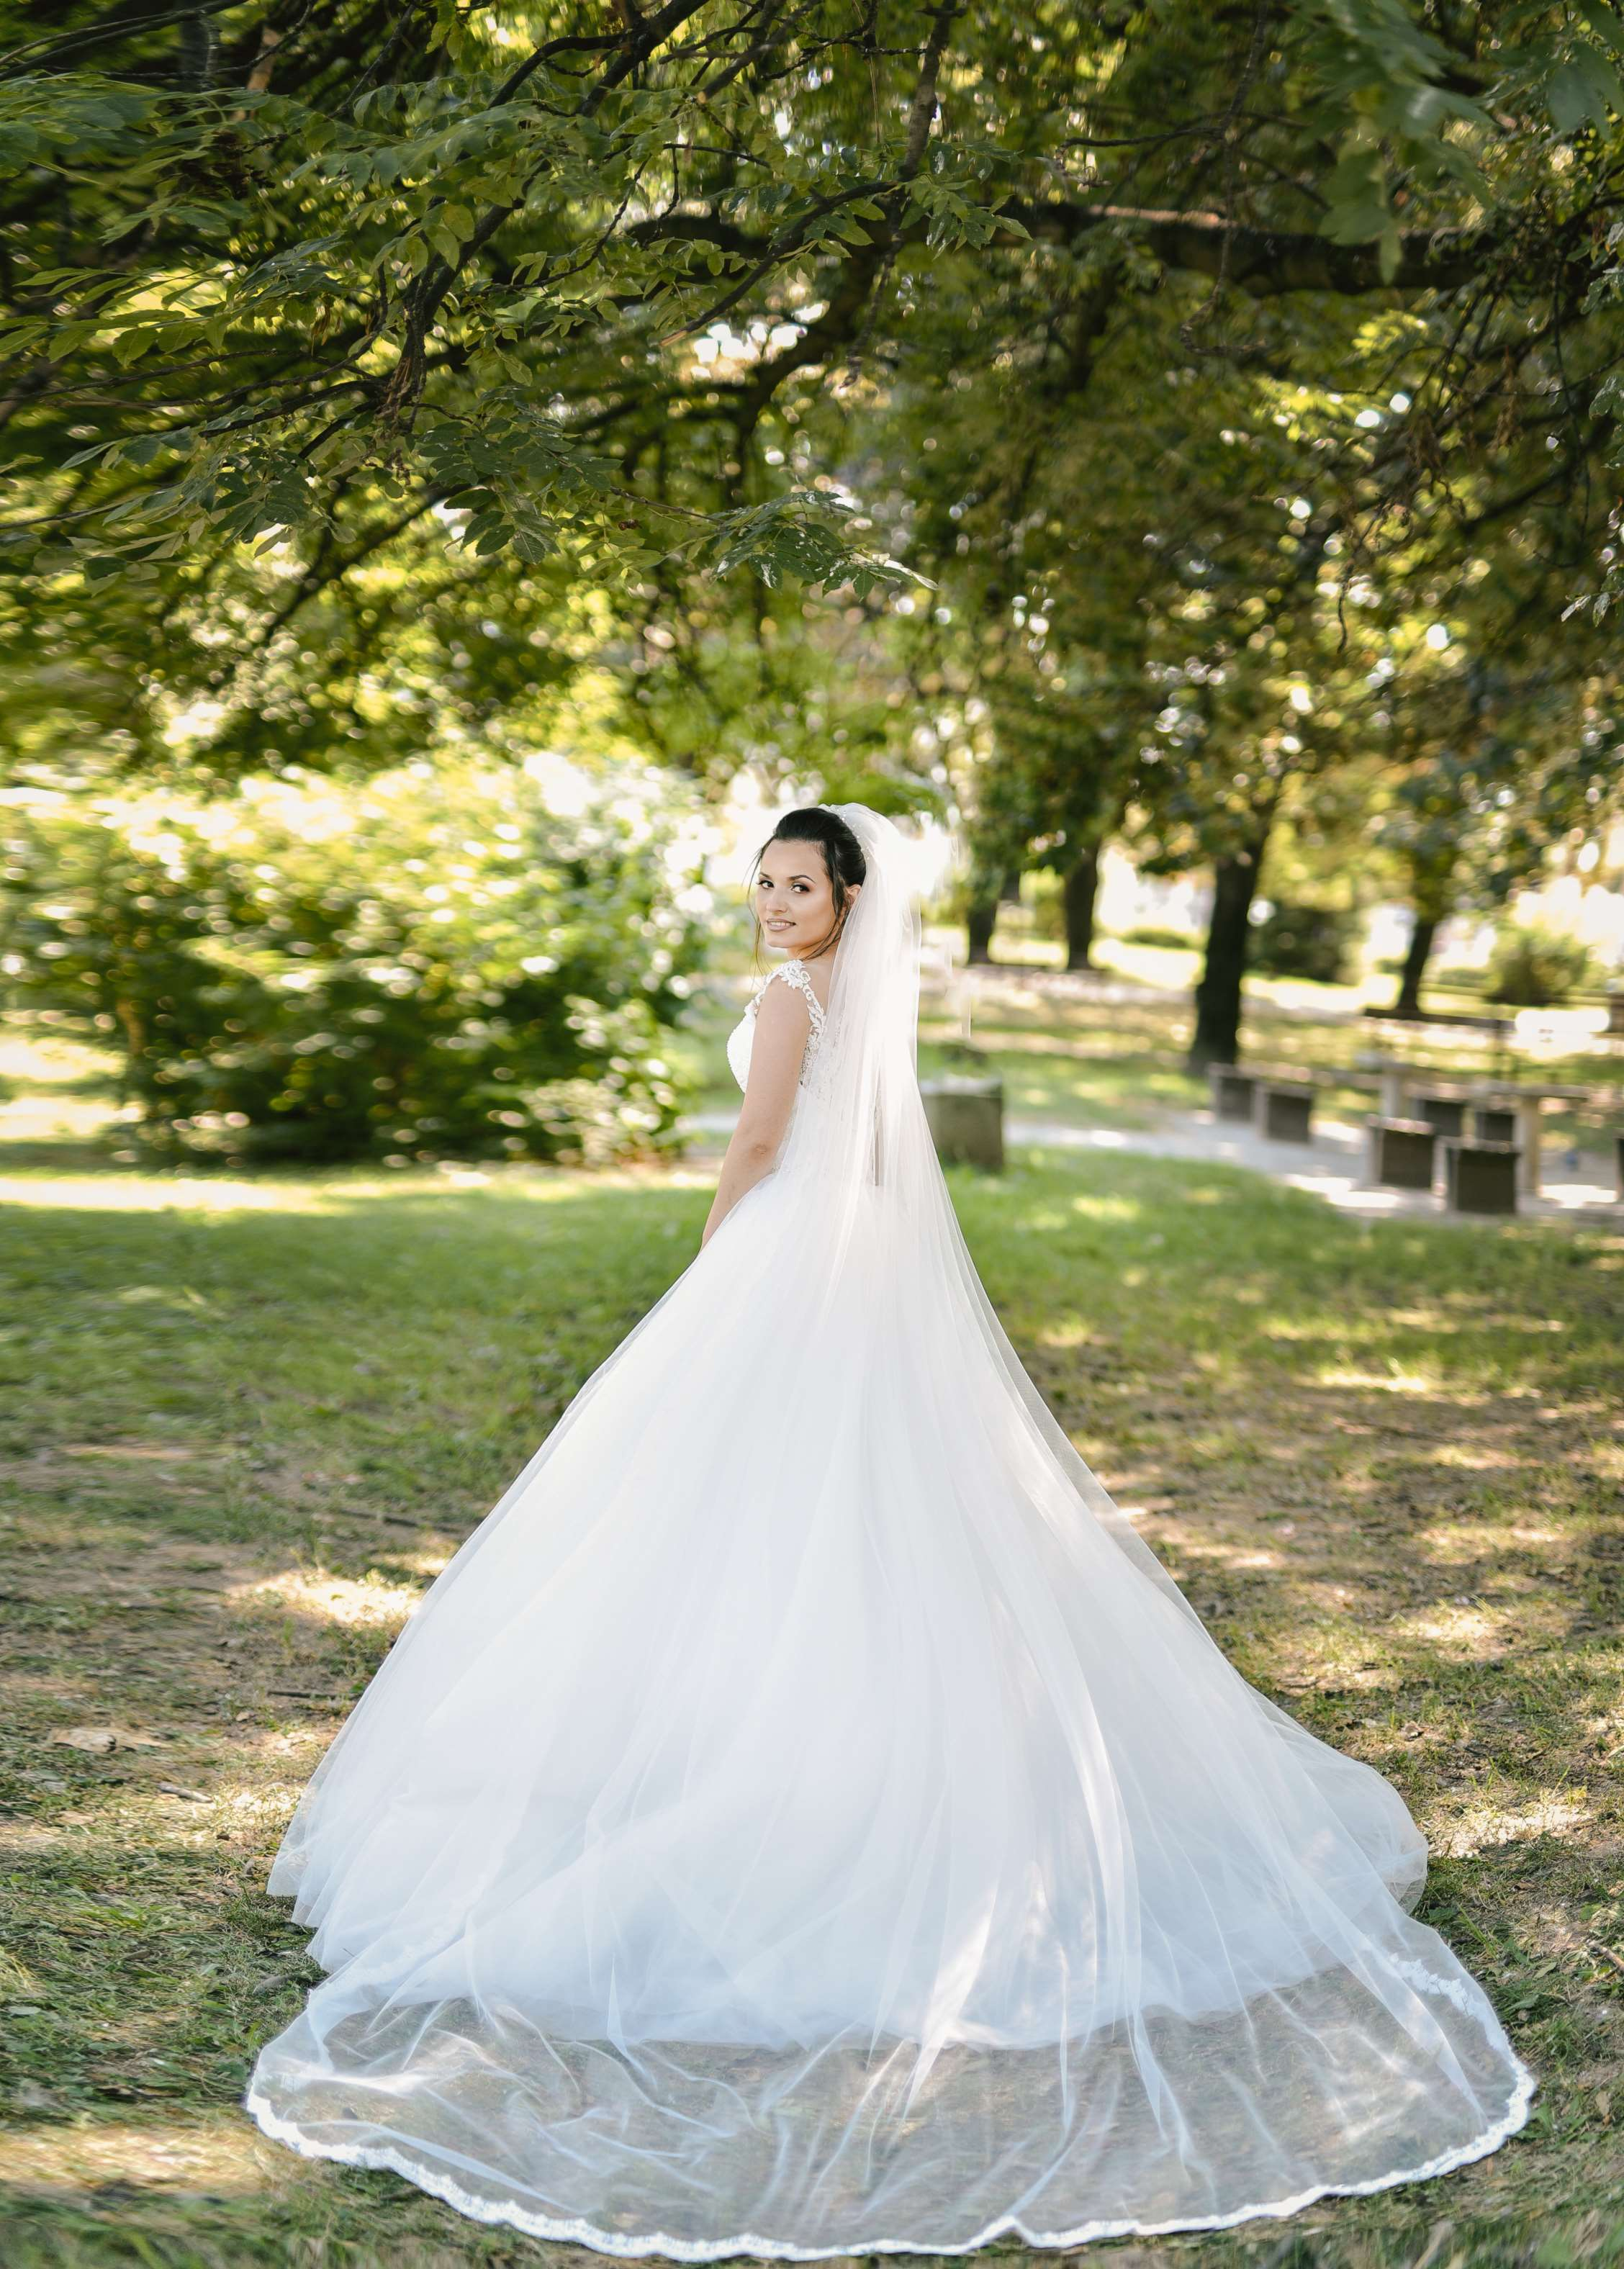 Nunta-Sibiu-fotograf-39